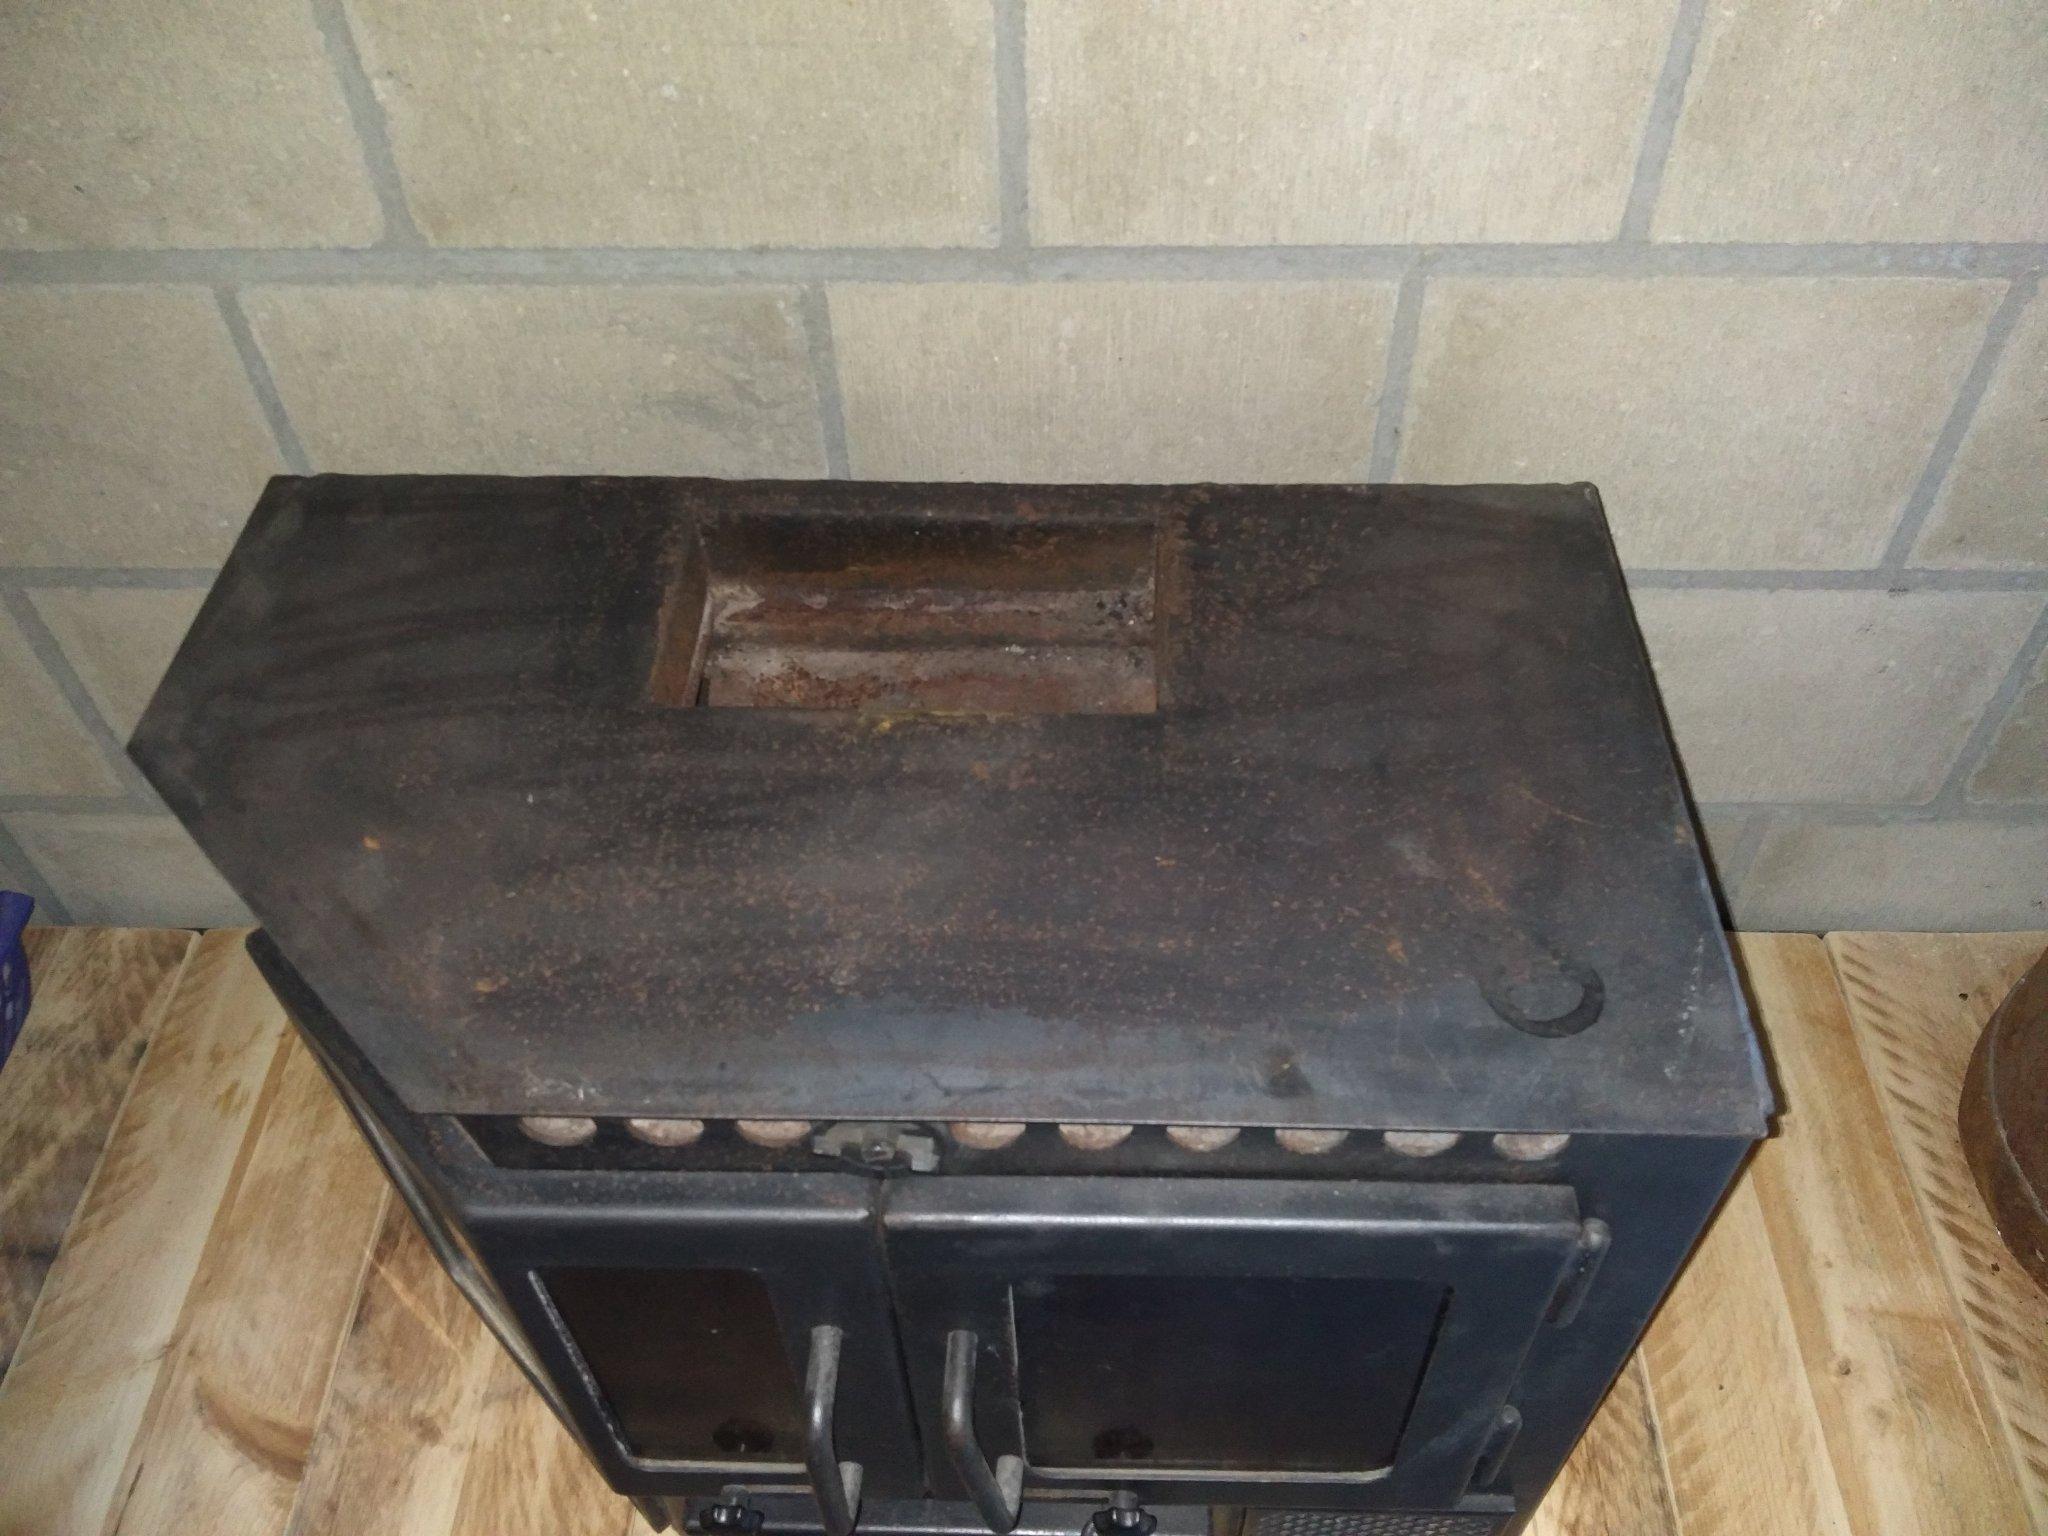 Kachel Voor Garage : Plaatsing kachel rookgasafvoer garage werkspot